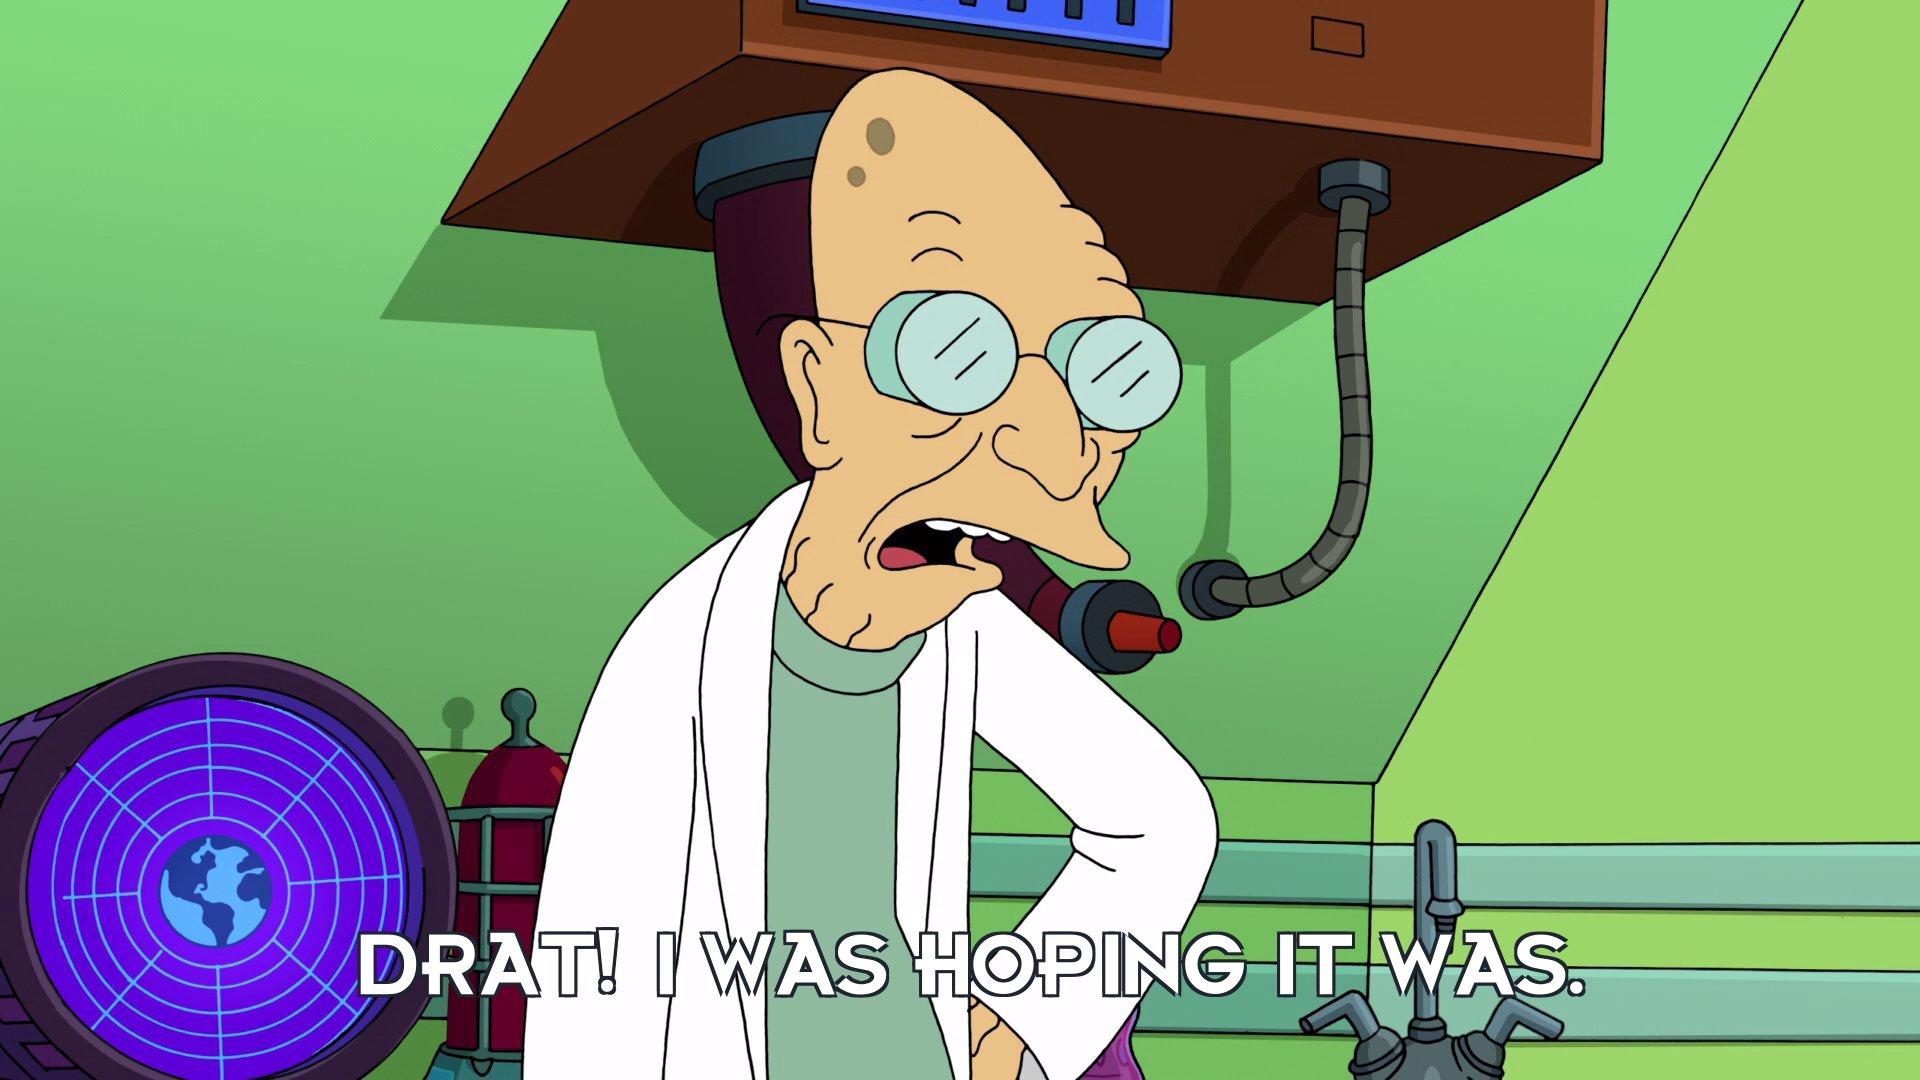 Prof Hubert J Farnsworth: Drat! I was hoping it was.